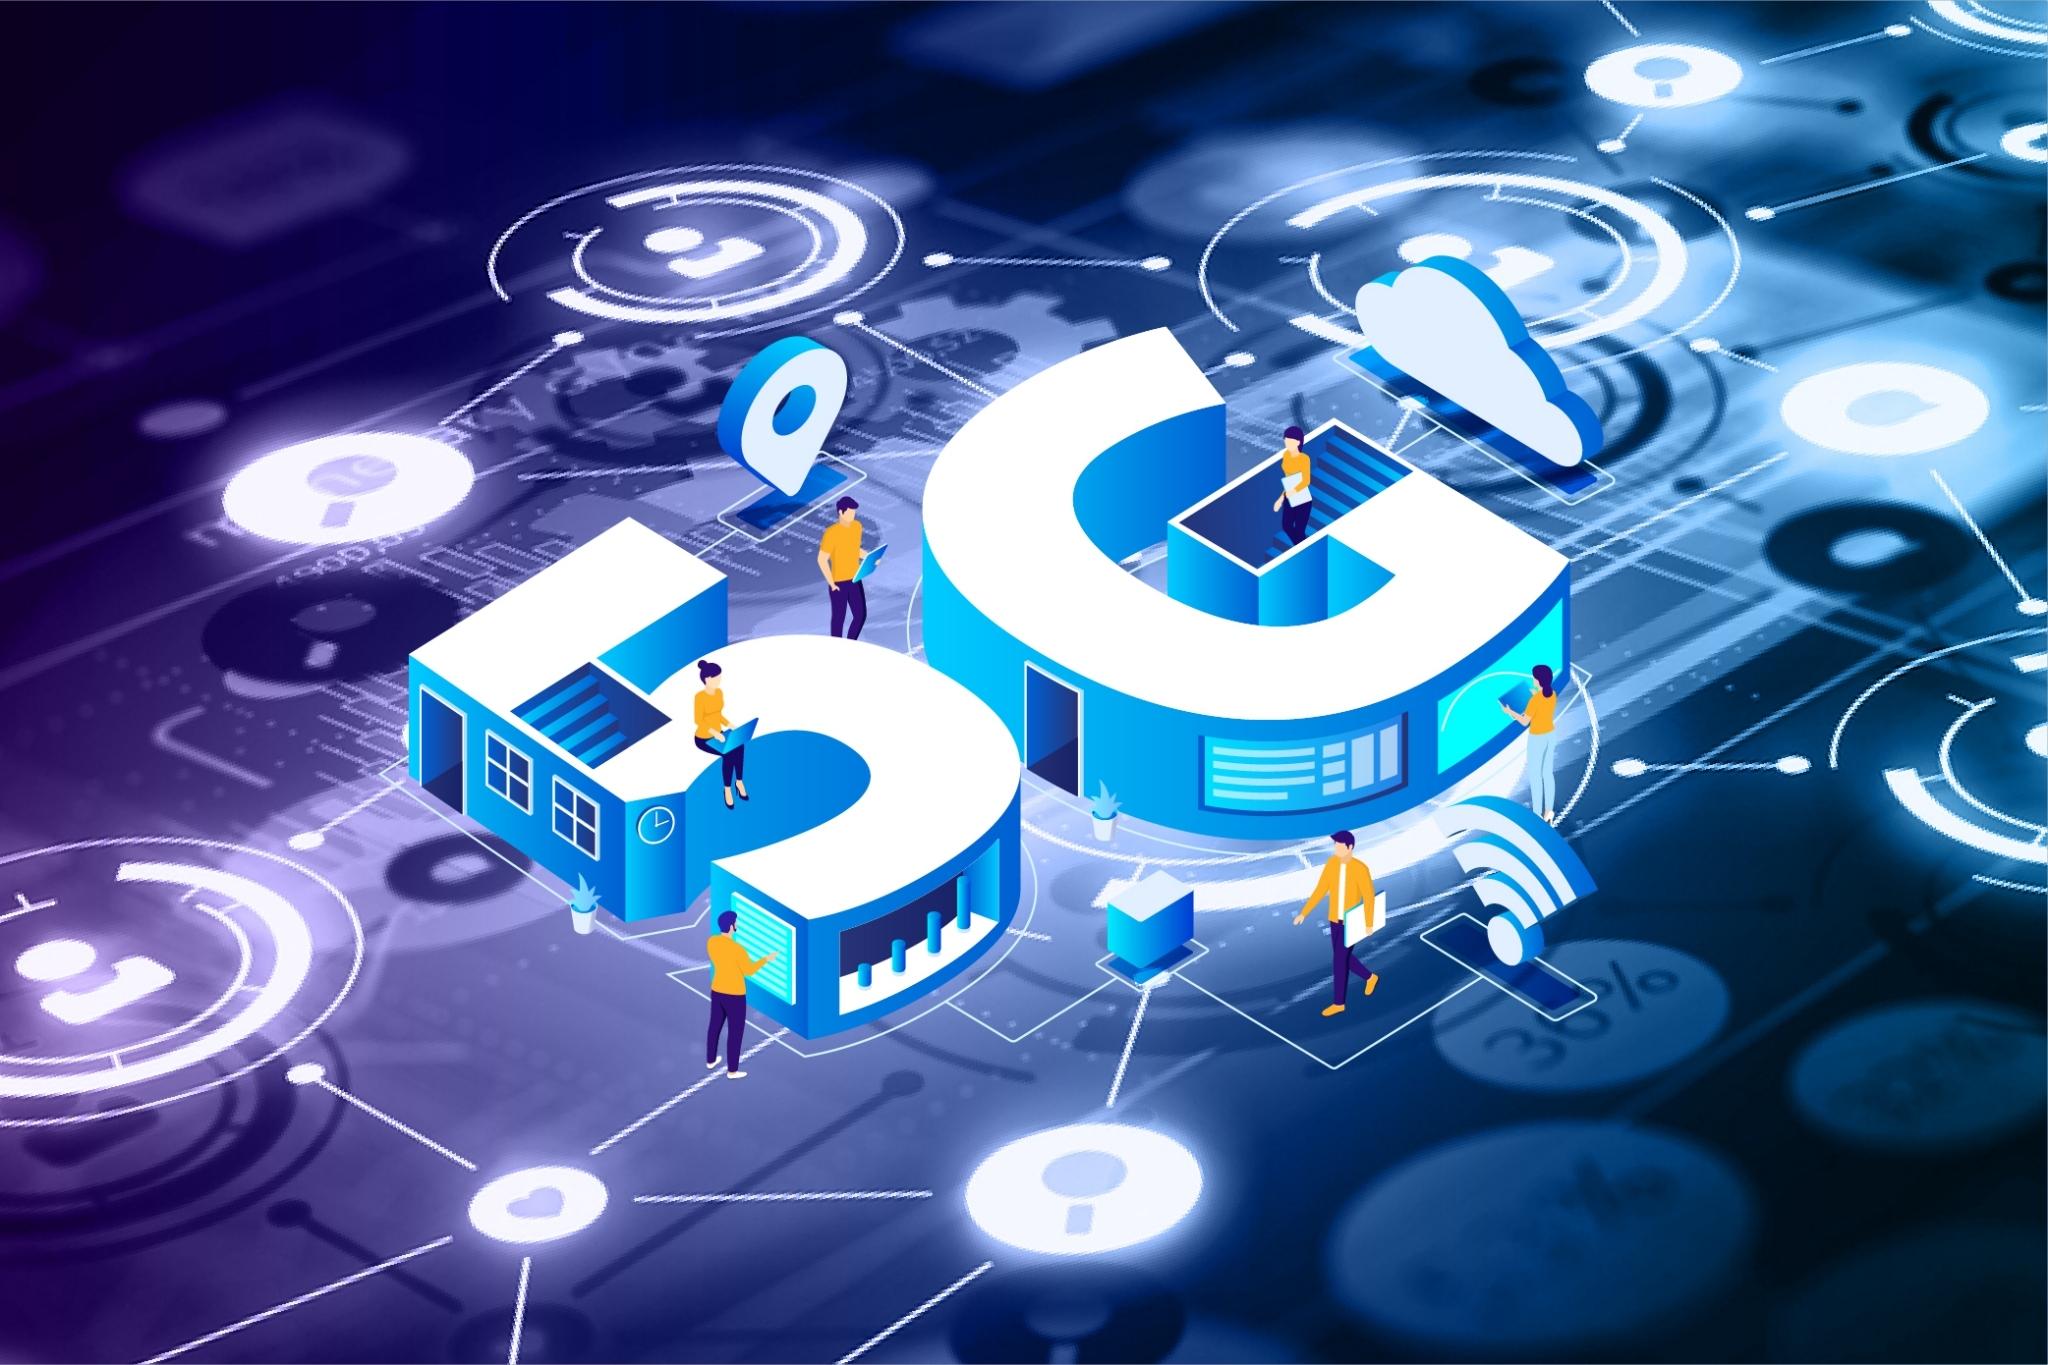 5年MOU台美共同努力9大目標 經濟部爭取在台設5G認證中心深化雙方合作